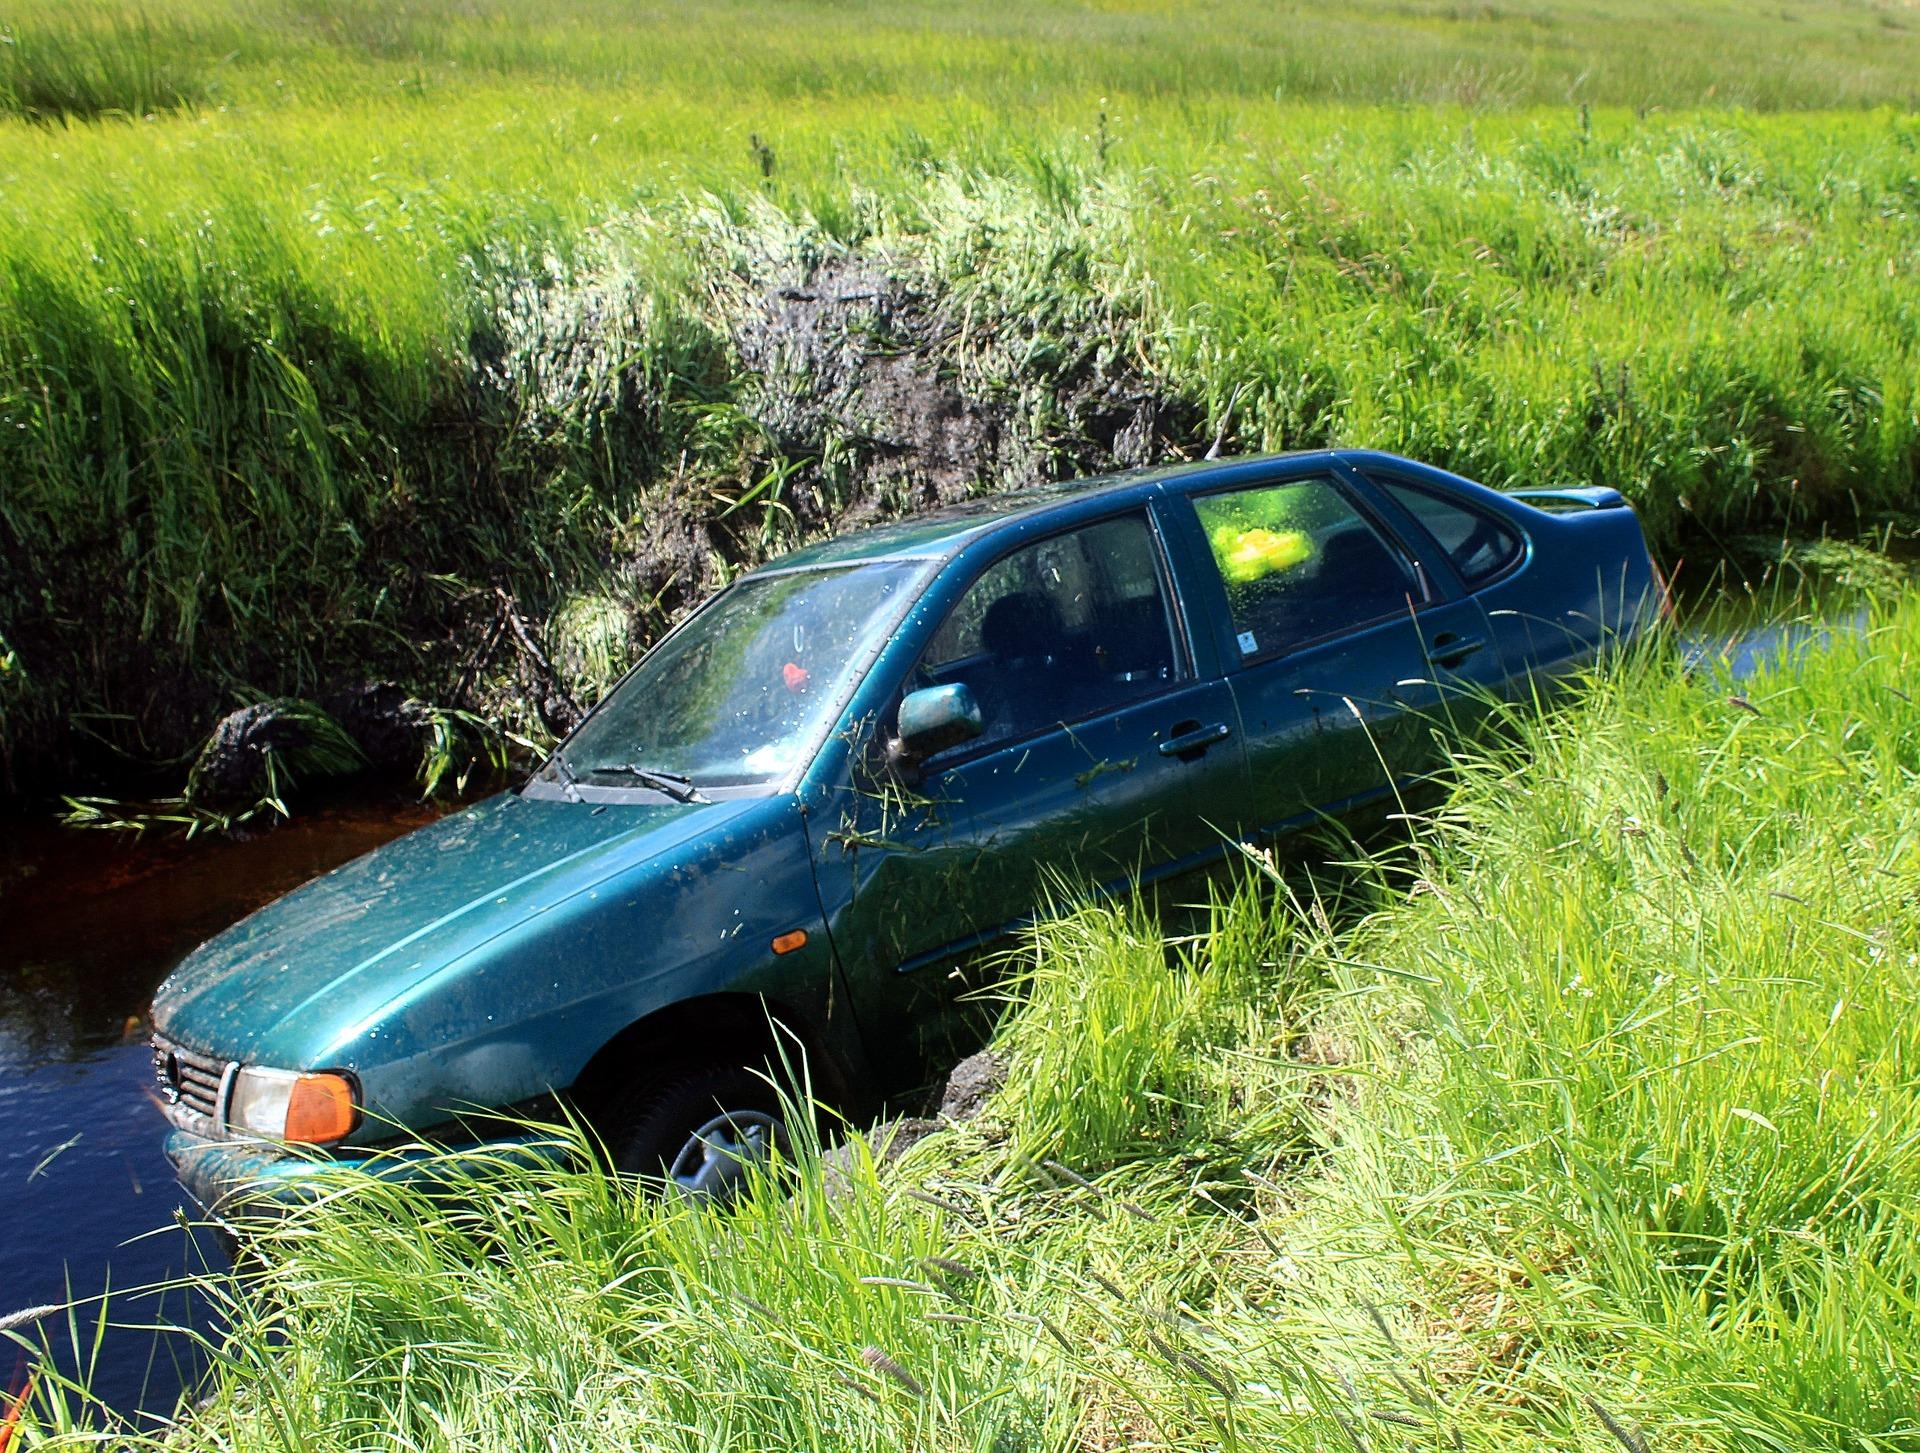 How to Scrap a Car Near Malden MA